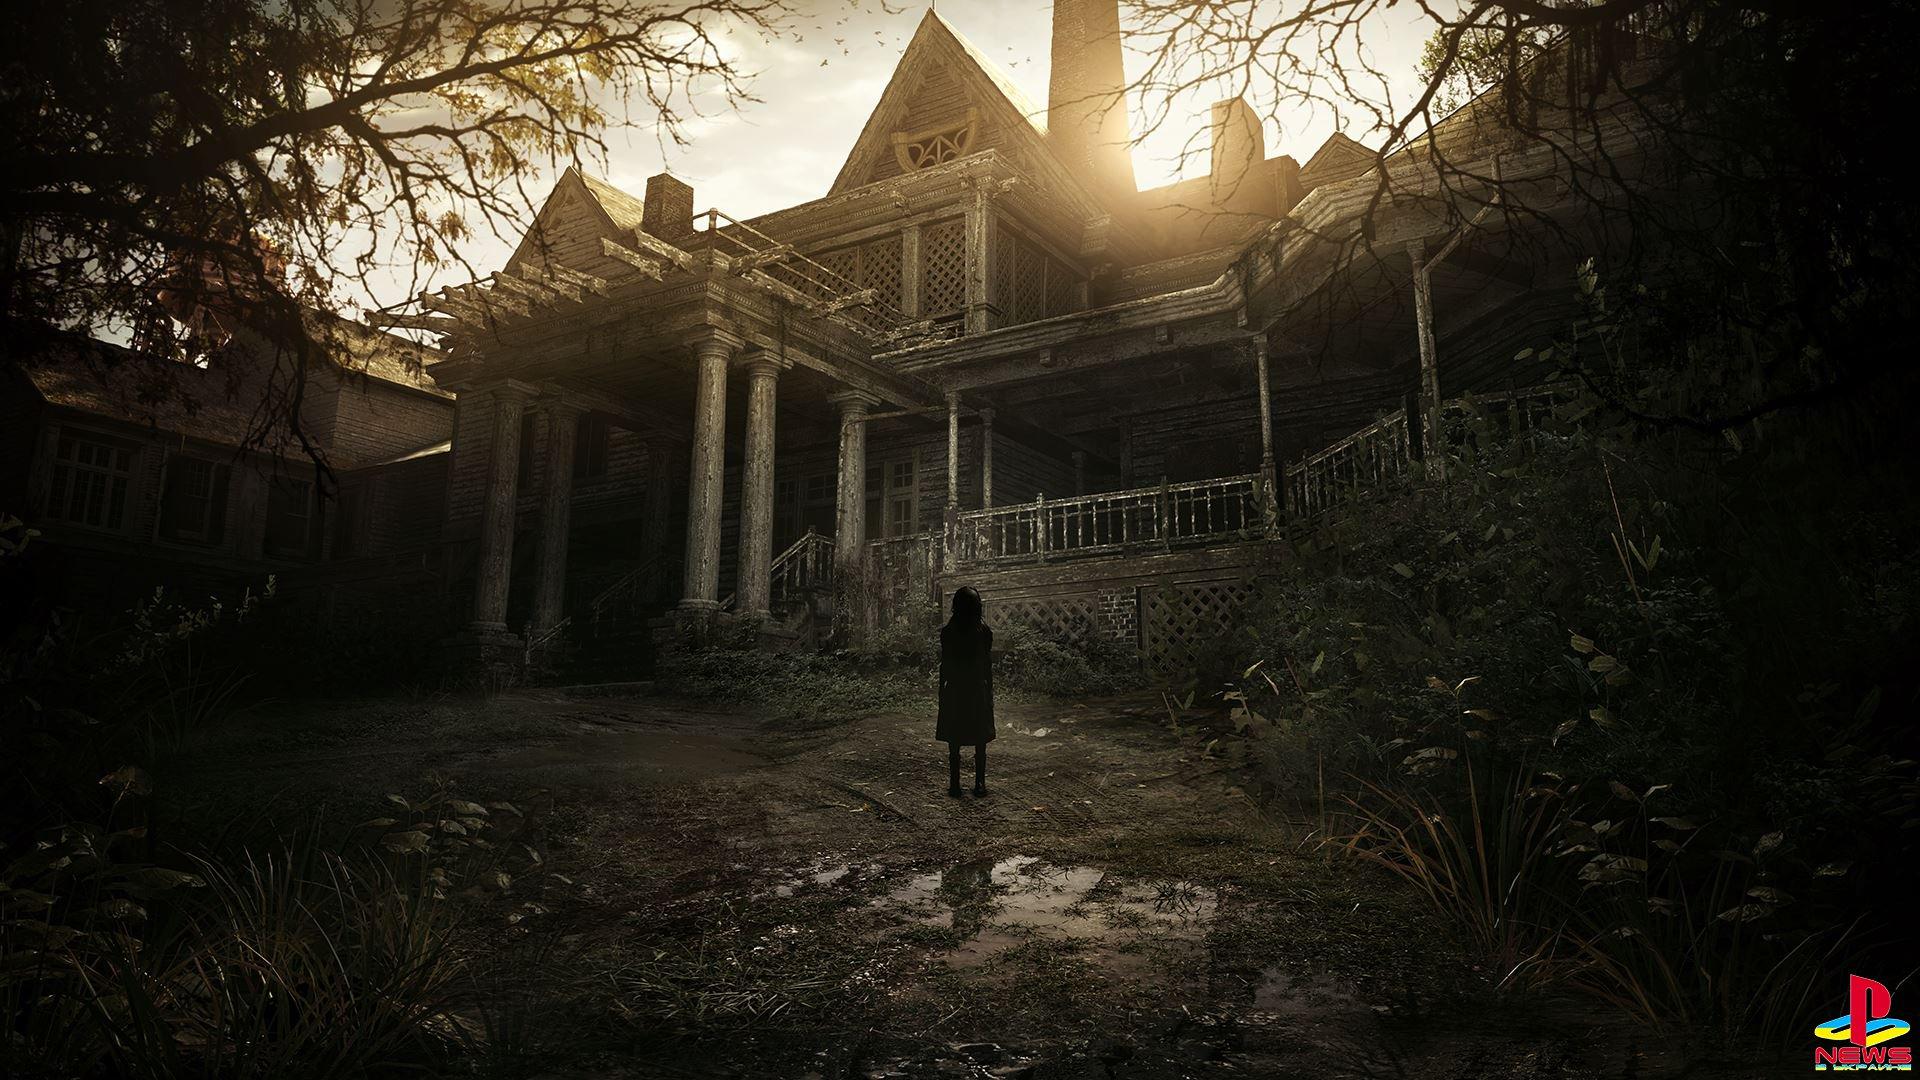 Тираж Resident Evil 7 превысил 2,5 миллиона копий